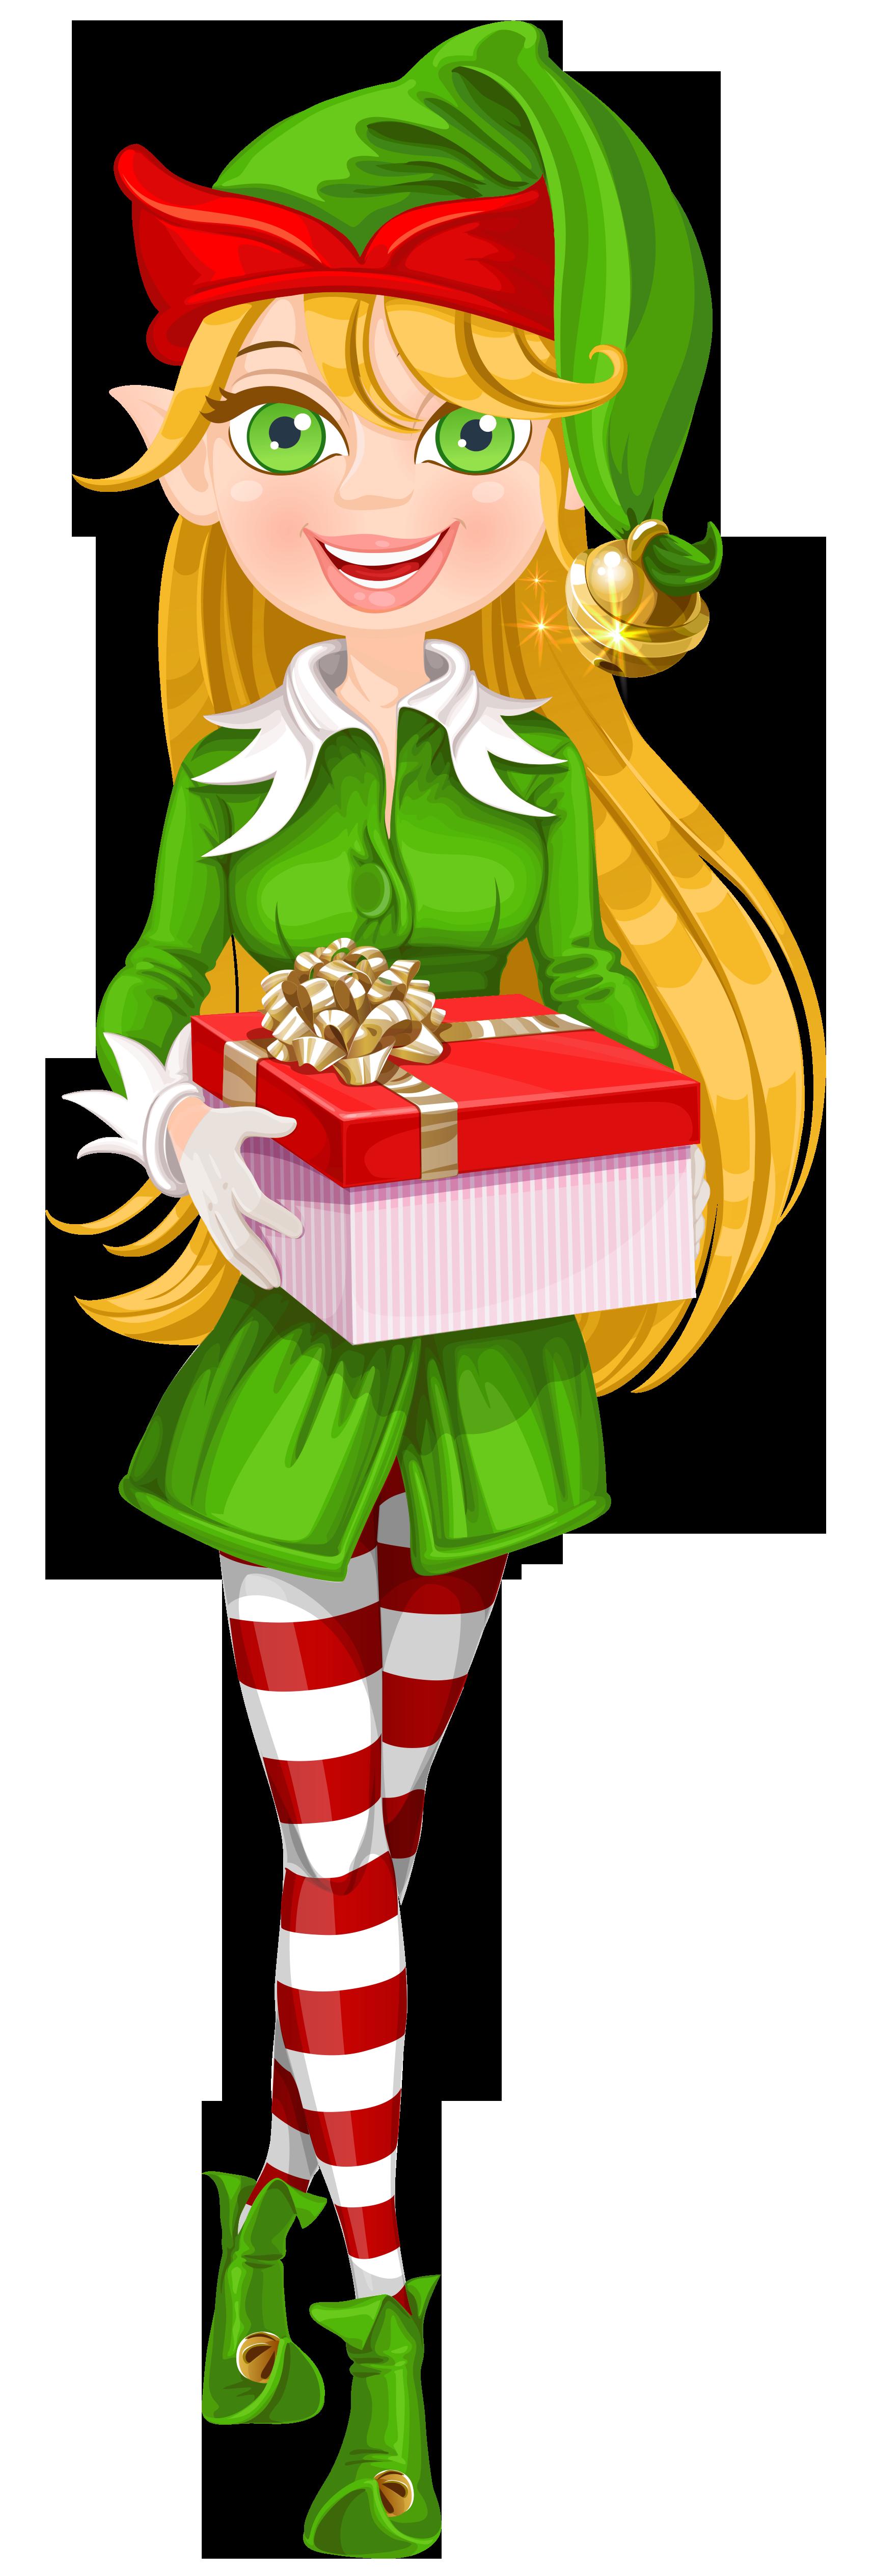 Png images elves transparent. Clipart socks elf